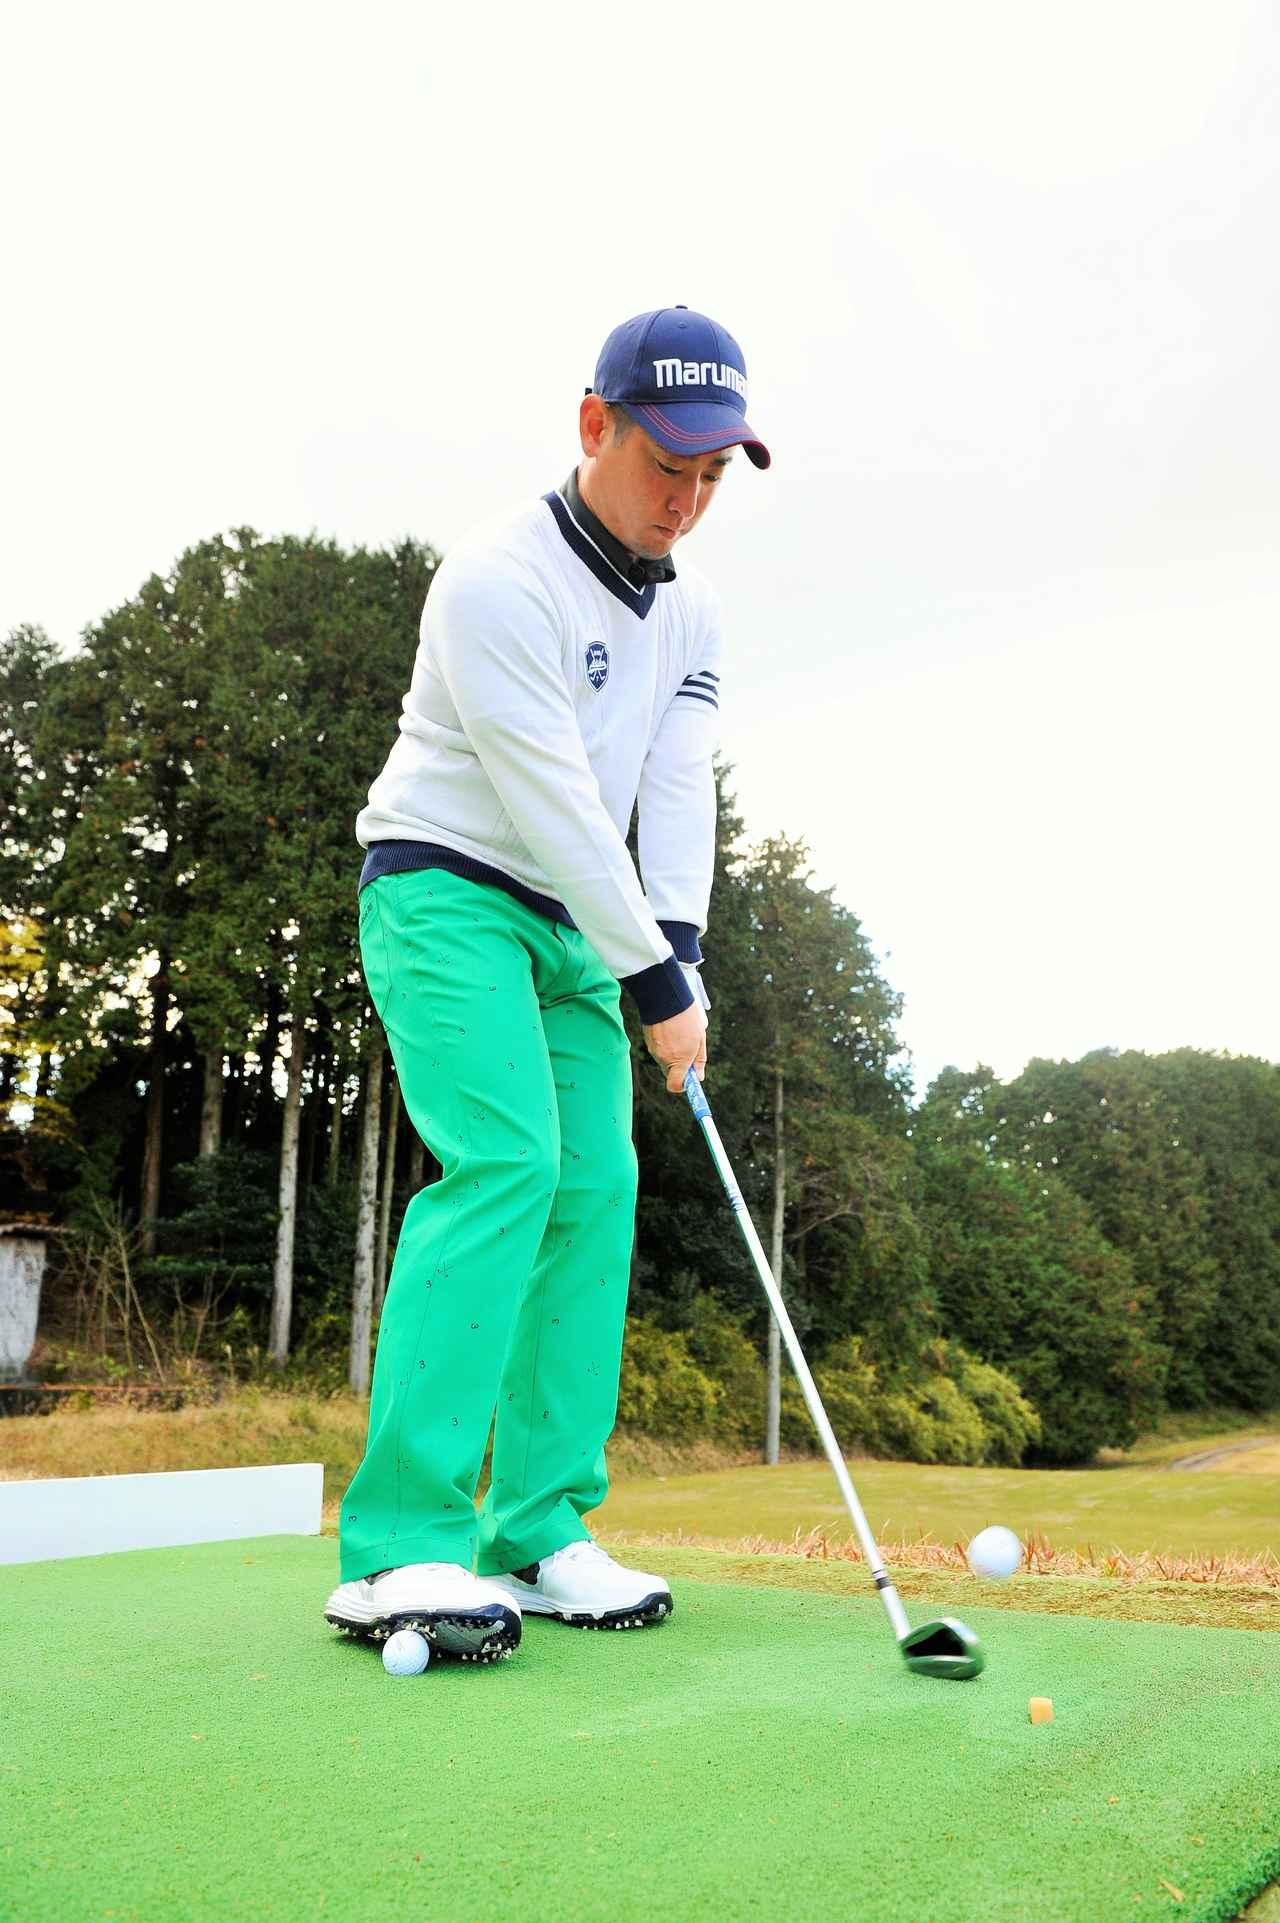 画像: 右足にボールを踏んだまま打つことで左足体重の状態を保てる